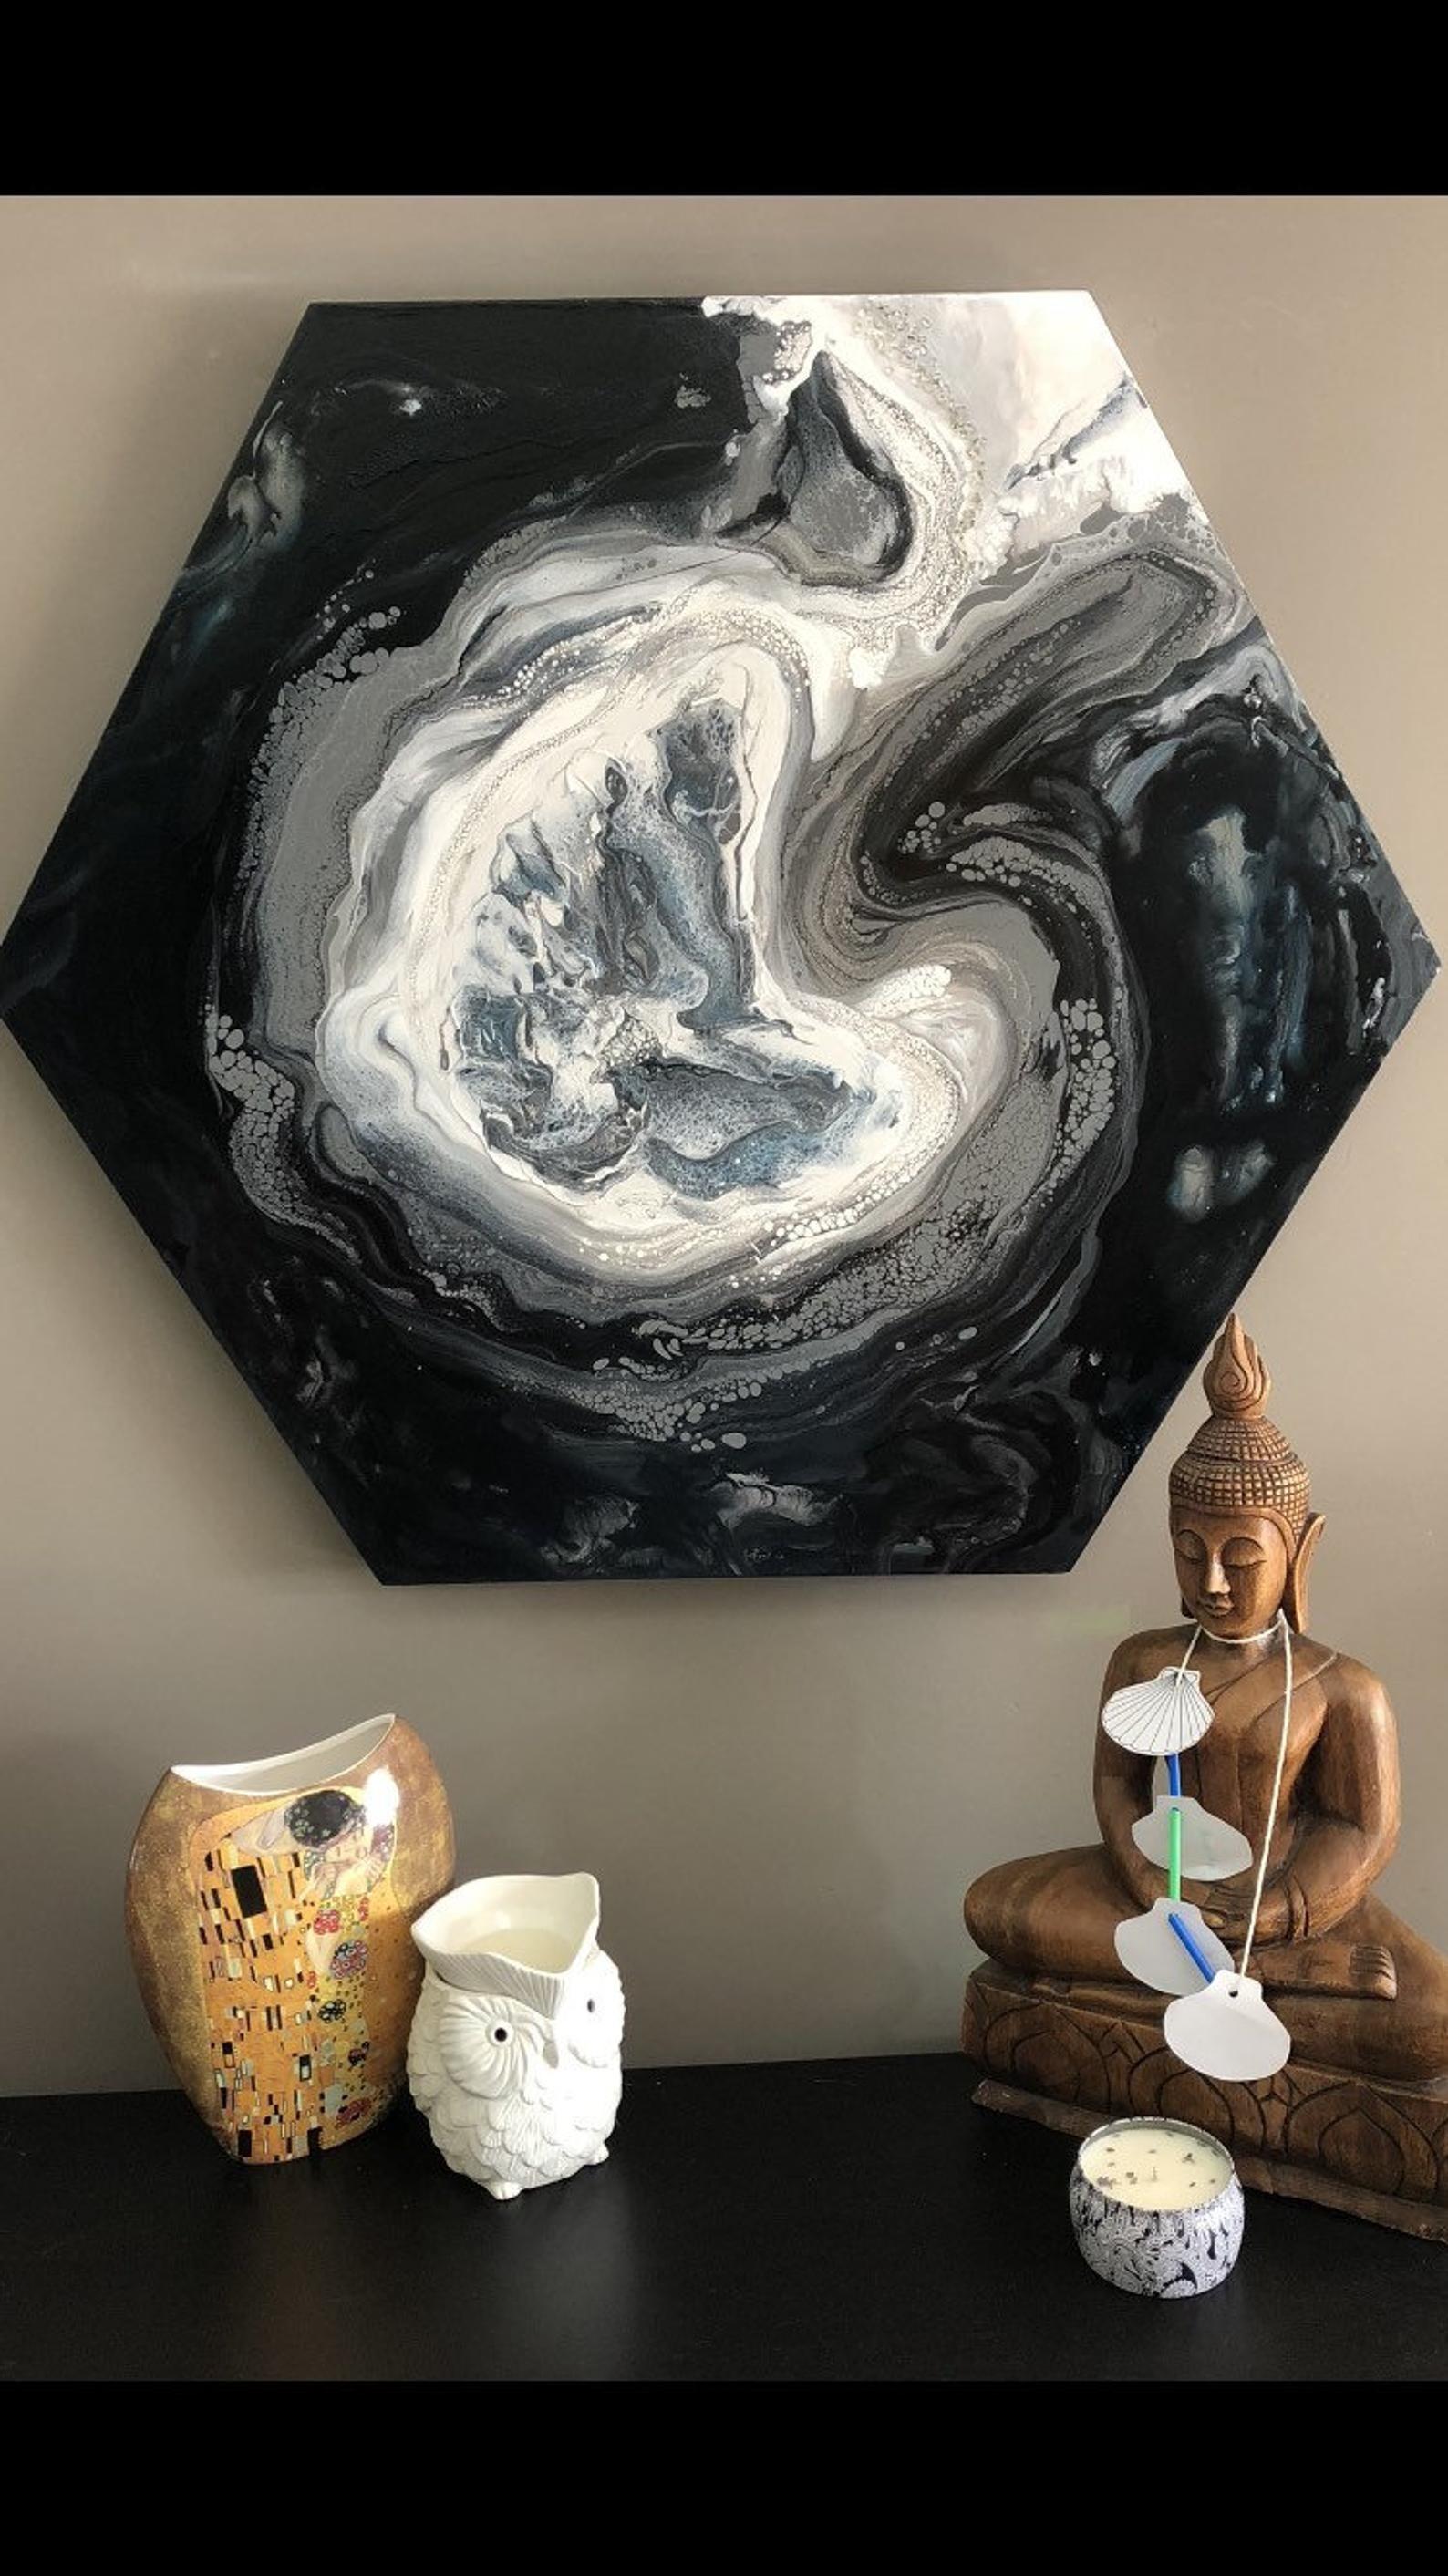 Comment Faire De La Peinture Acrylique Fluide : comment, faire, peinture, acrylique, fluide, Grande, Peinture, Abstraite, Hexagonale, Toile, Oeuvre, Abstraite,, Acrylique